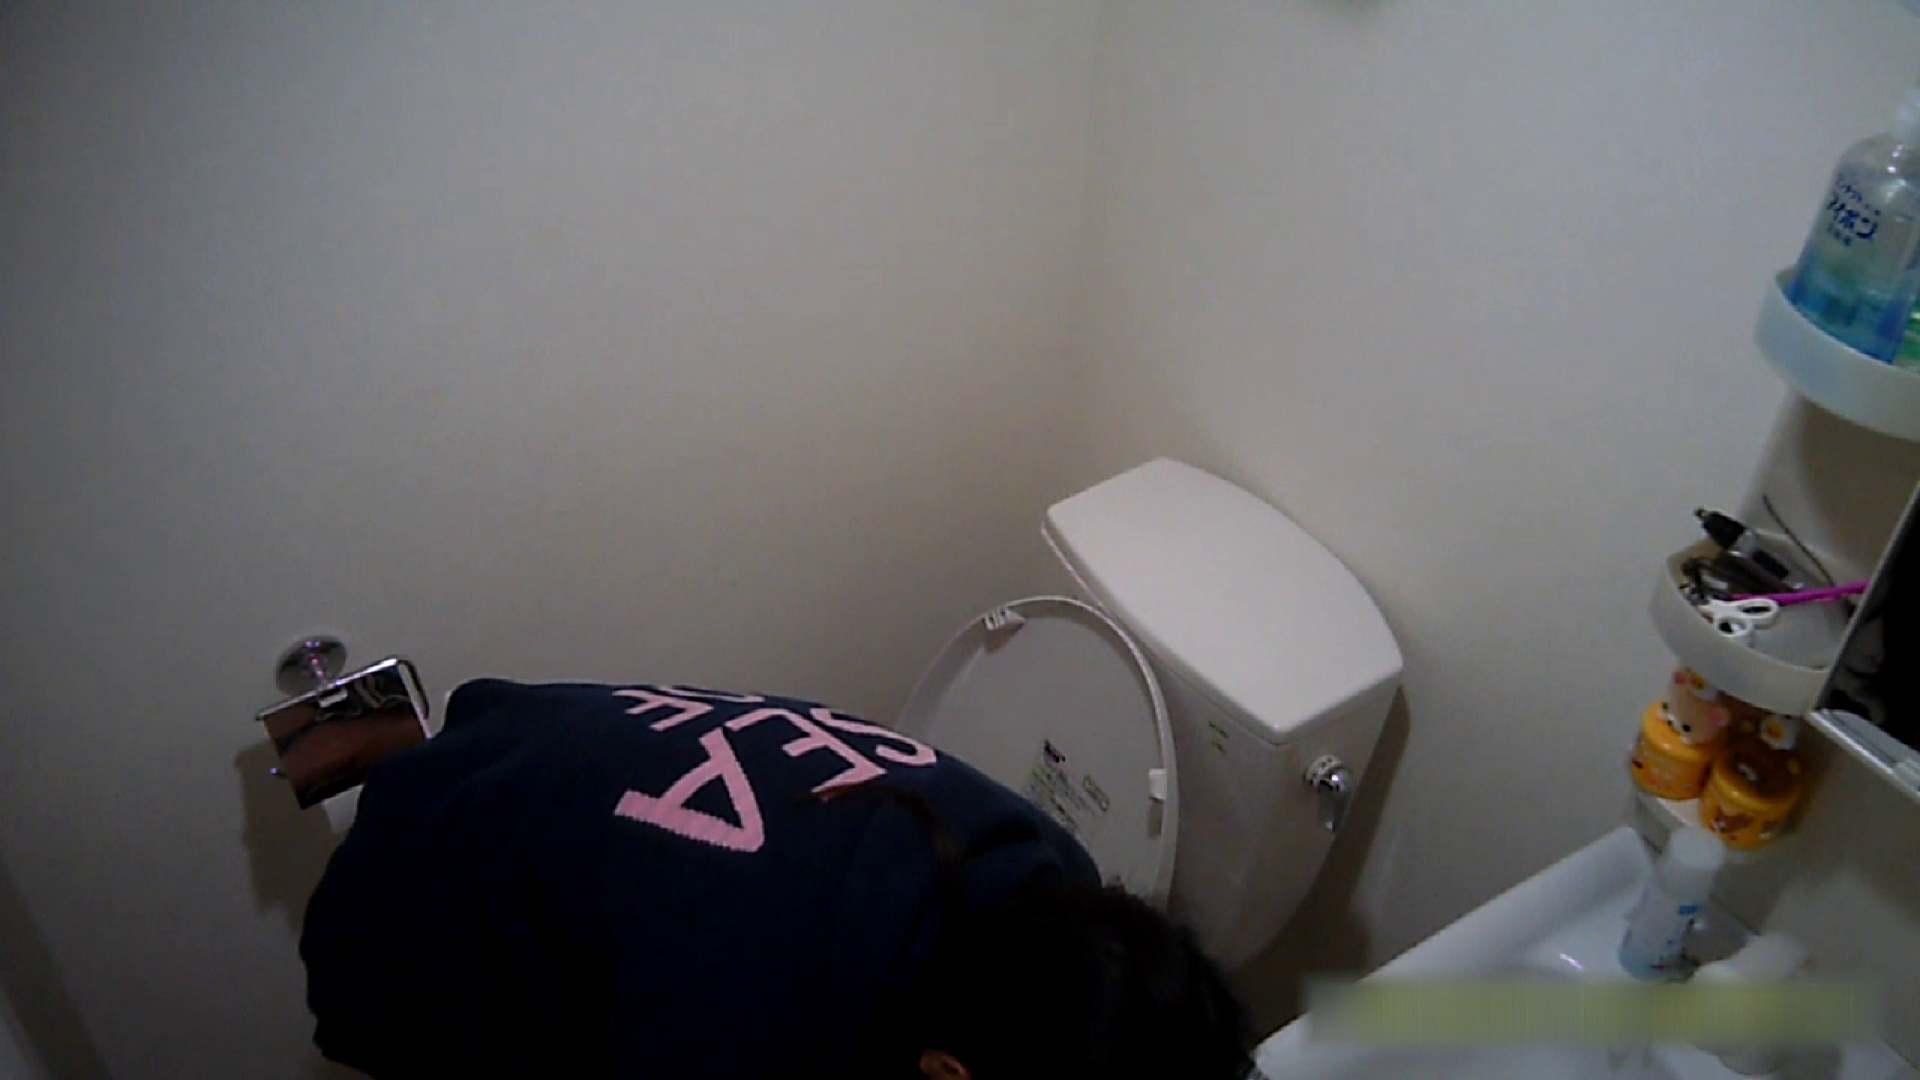 清楚な顔してかなり敏感なE子25歳(仮名)Vol.04 トイレ編 洗面所  62画像 52